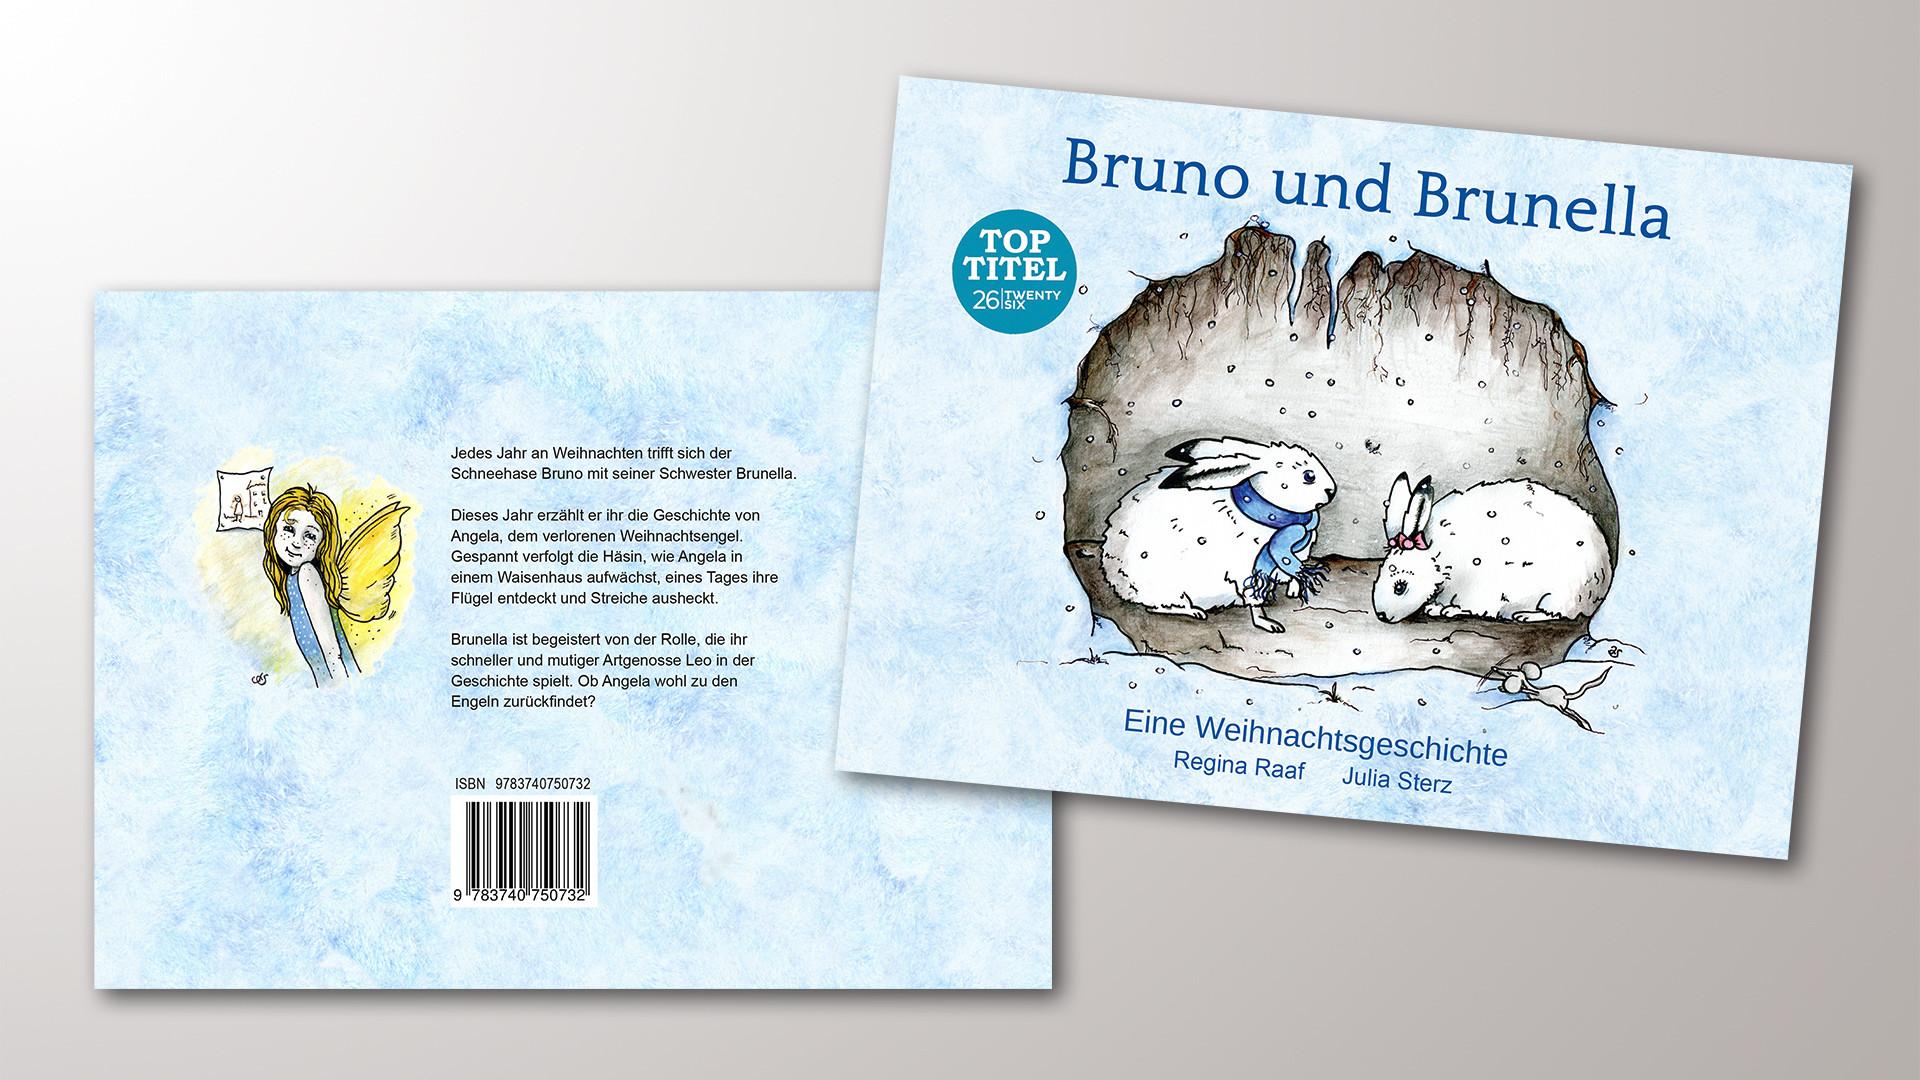 Bruno_und_Brunella_01